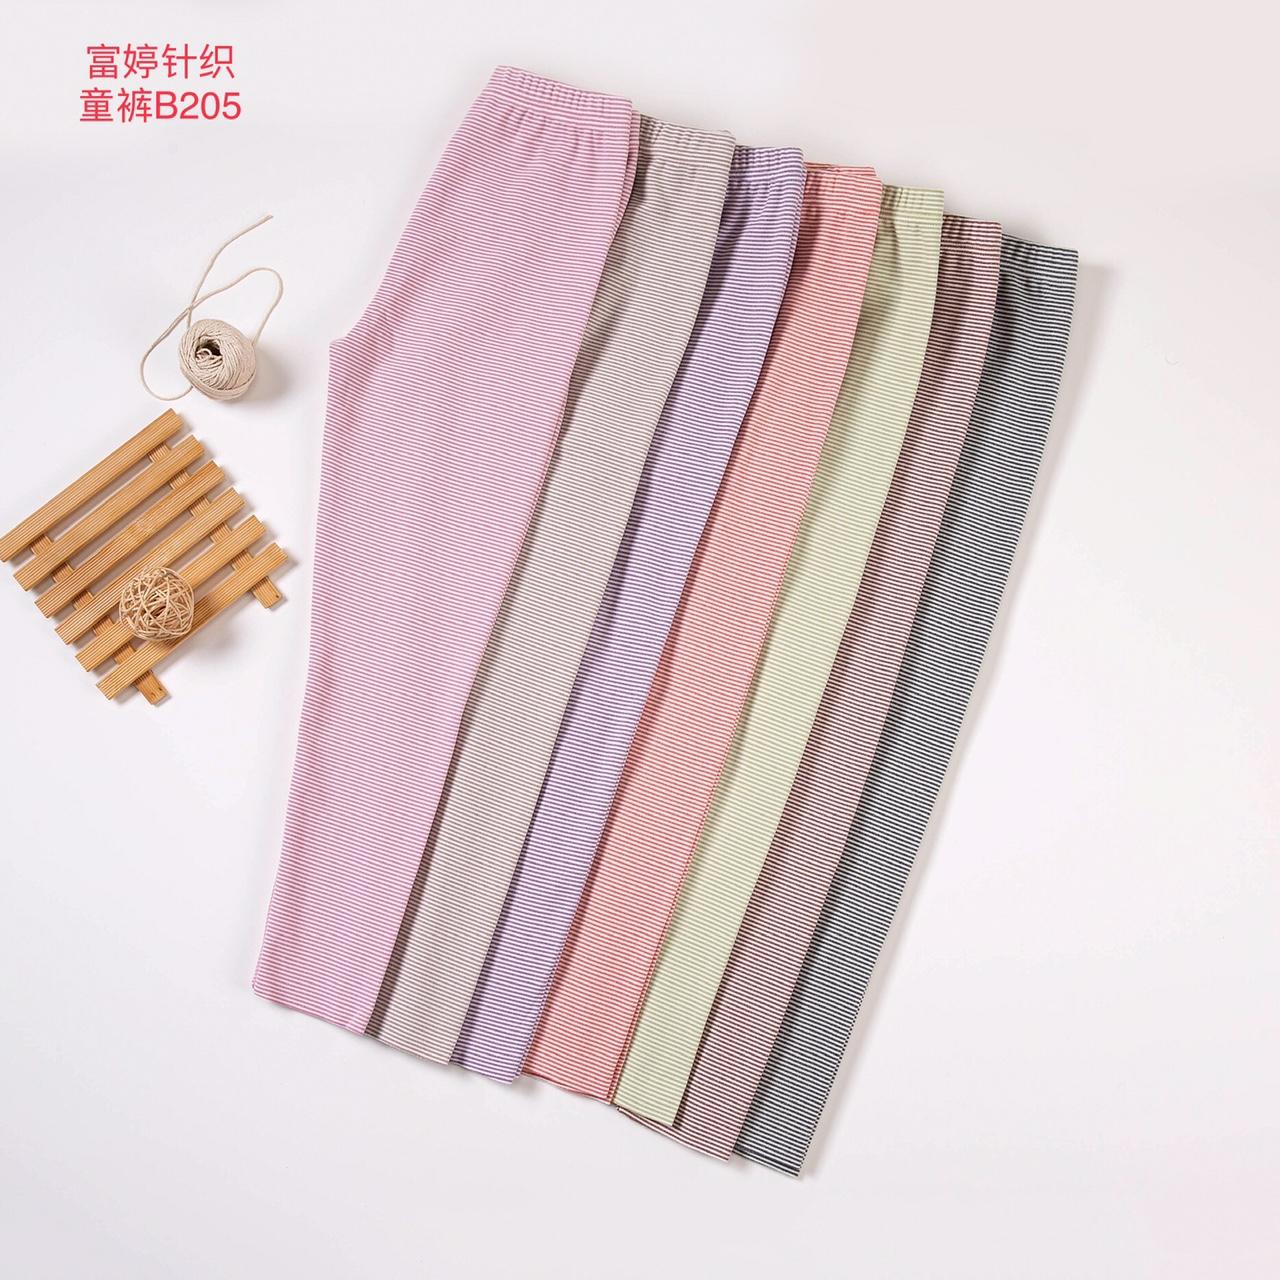 儿童德绒阳离子内衣细条纹自发热保暖裤